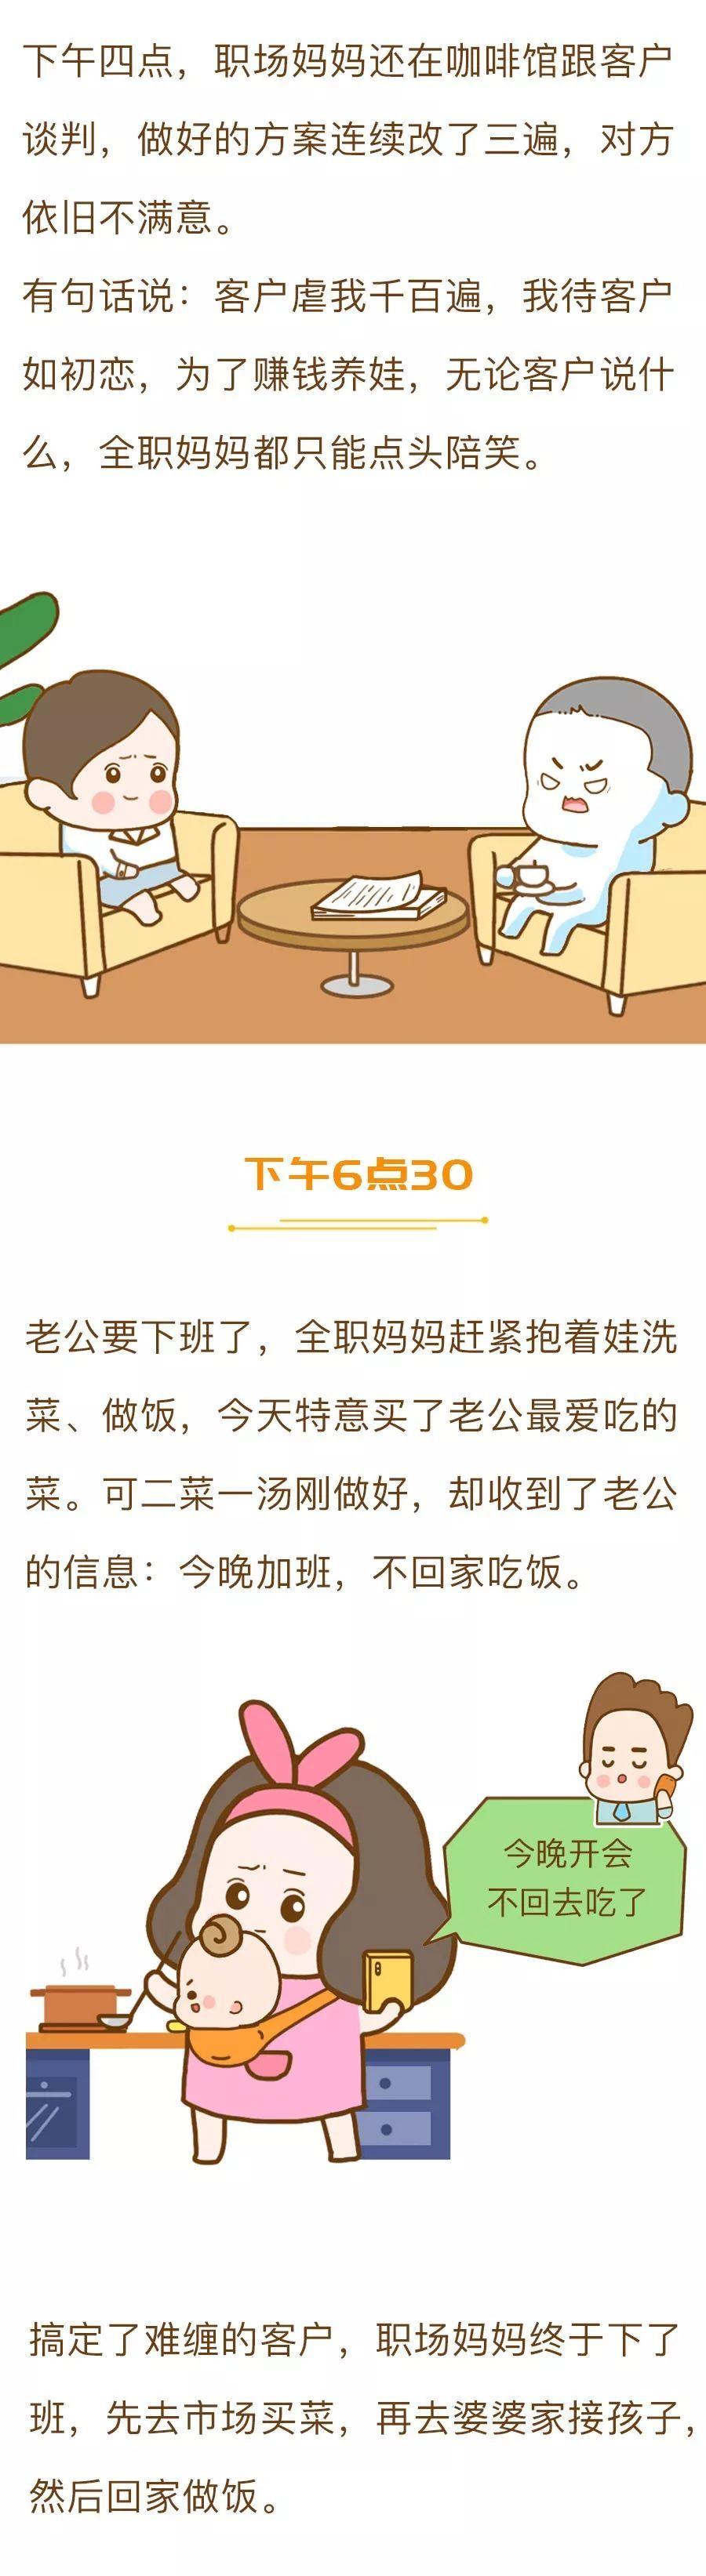 bte365 11